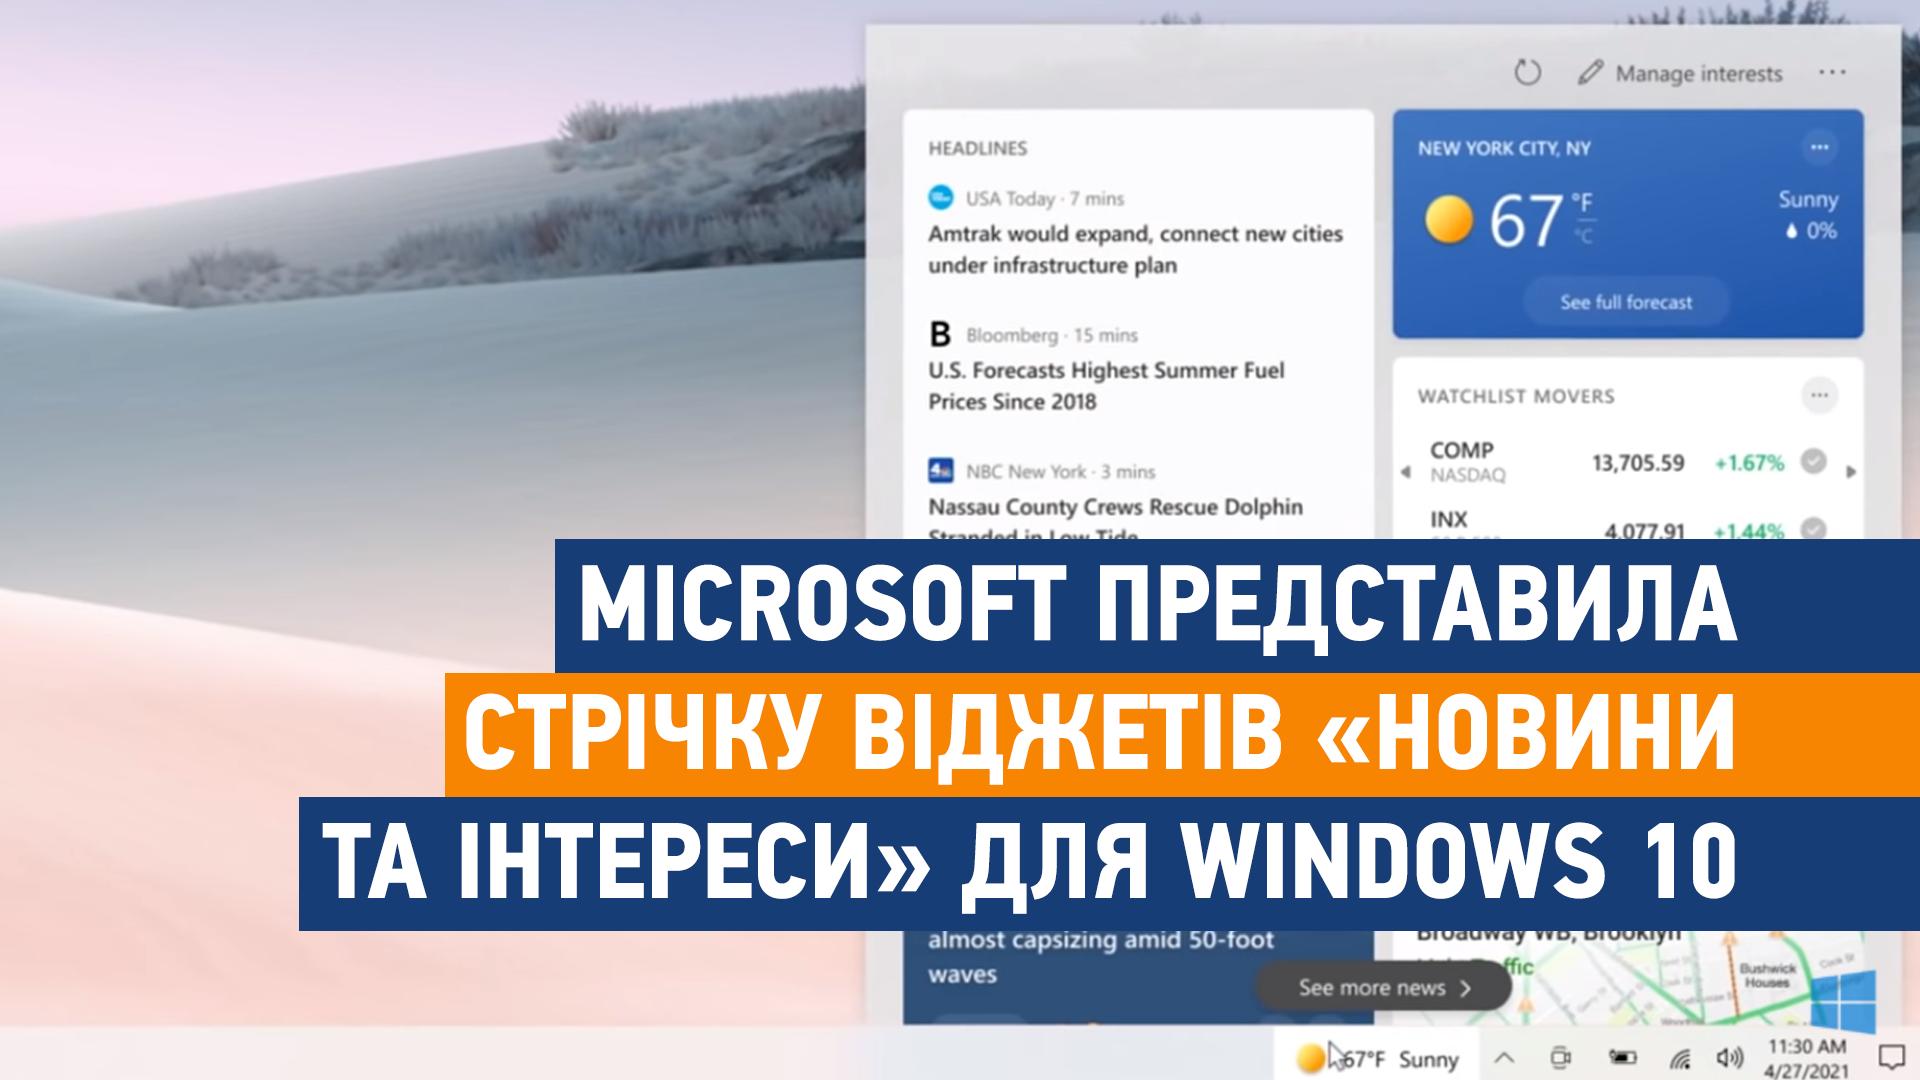 Microsoft представила стрічку віджетів «Новини та інтереси» для Windows 10